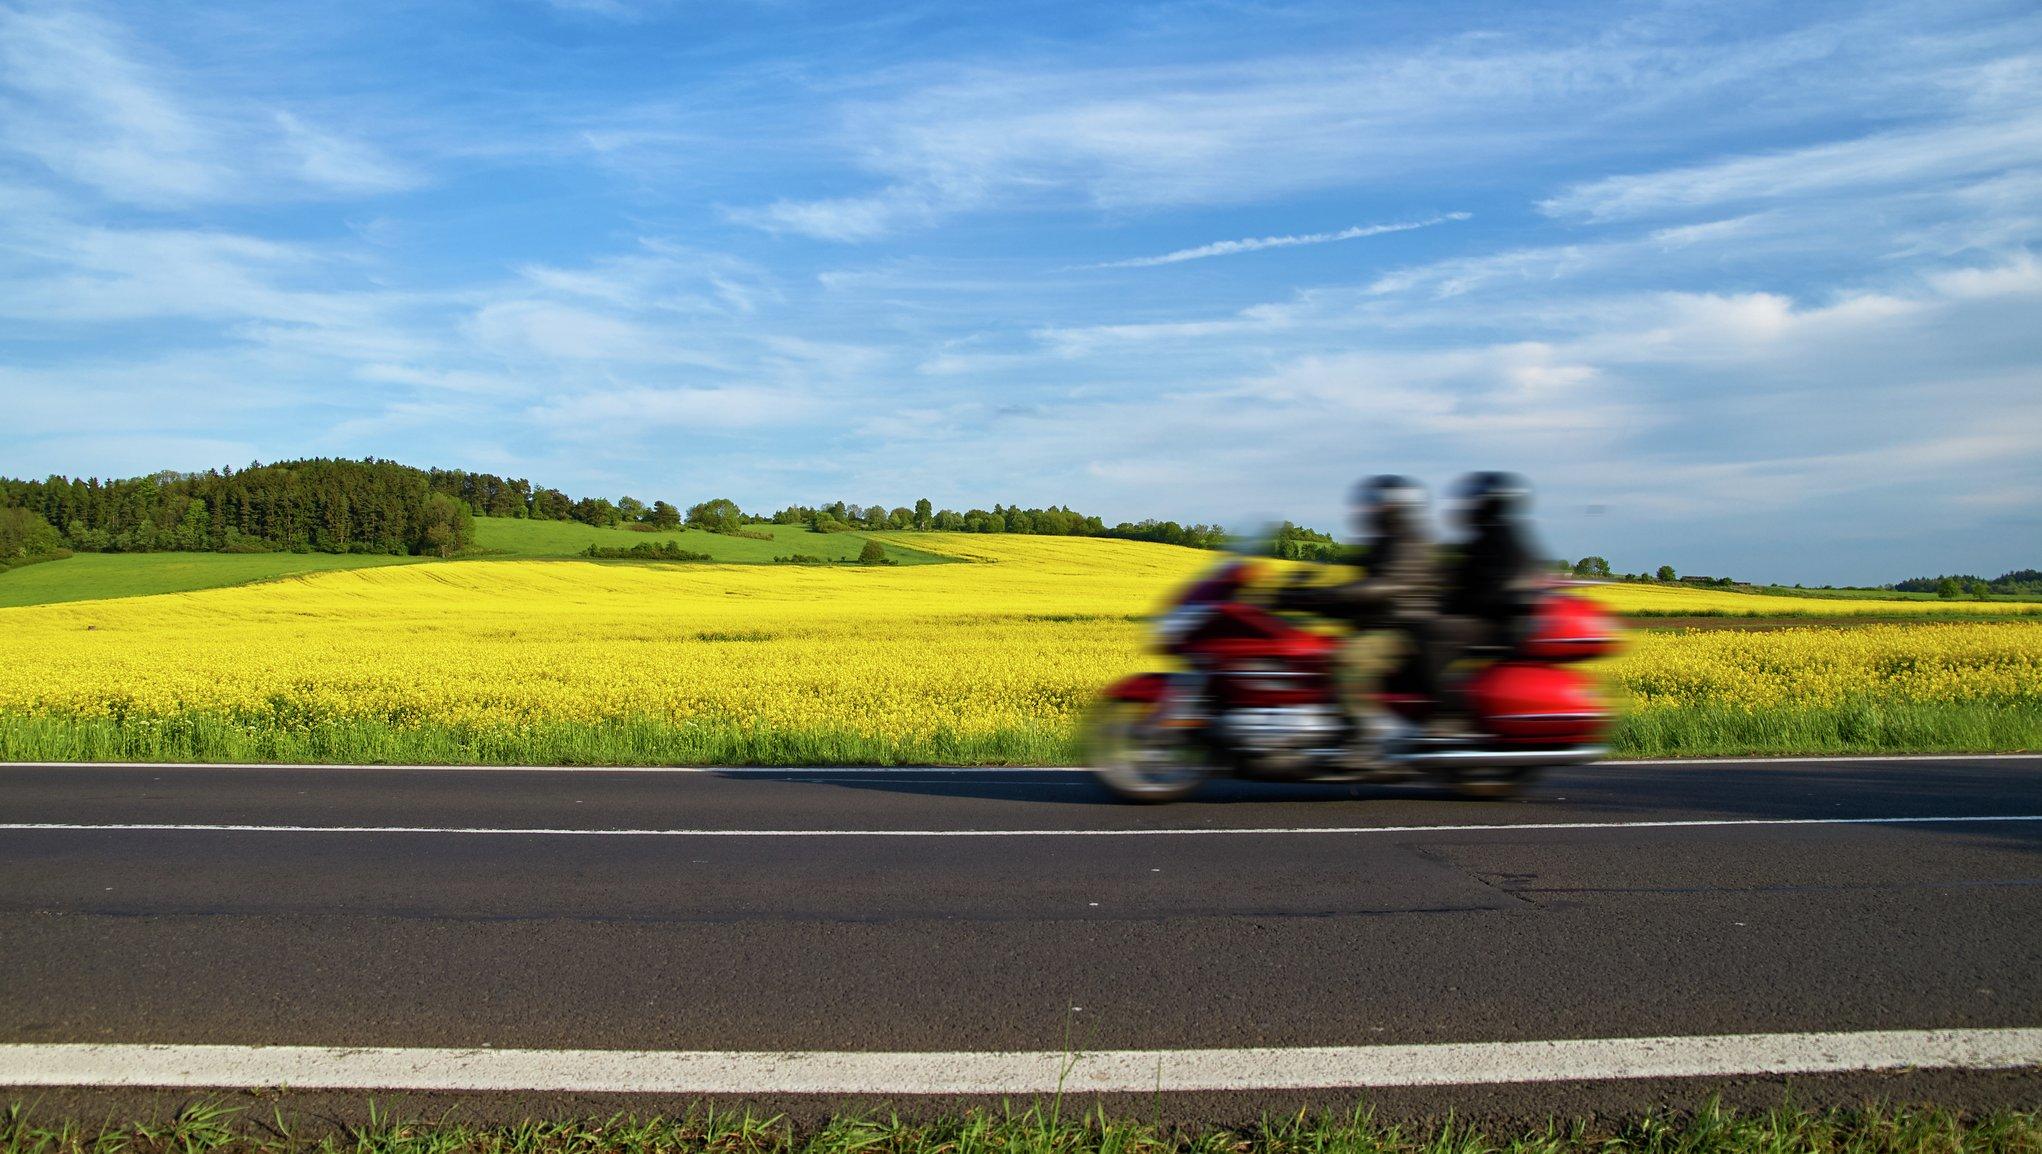 Moottoripyöräily